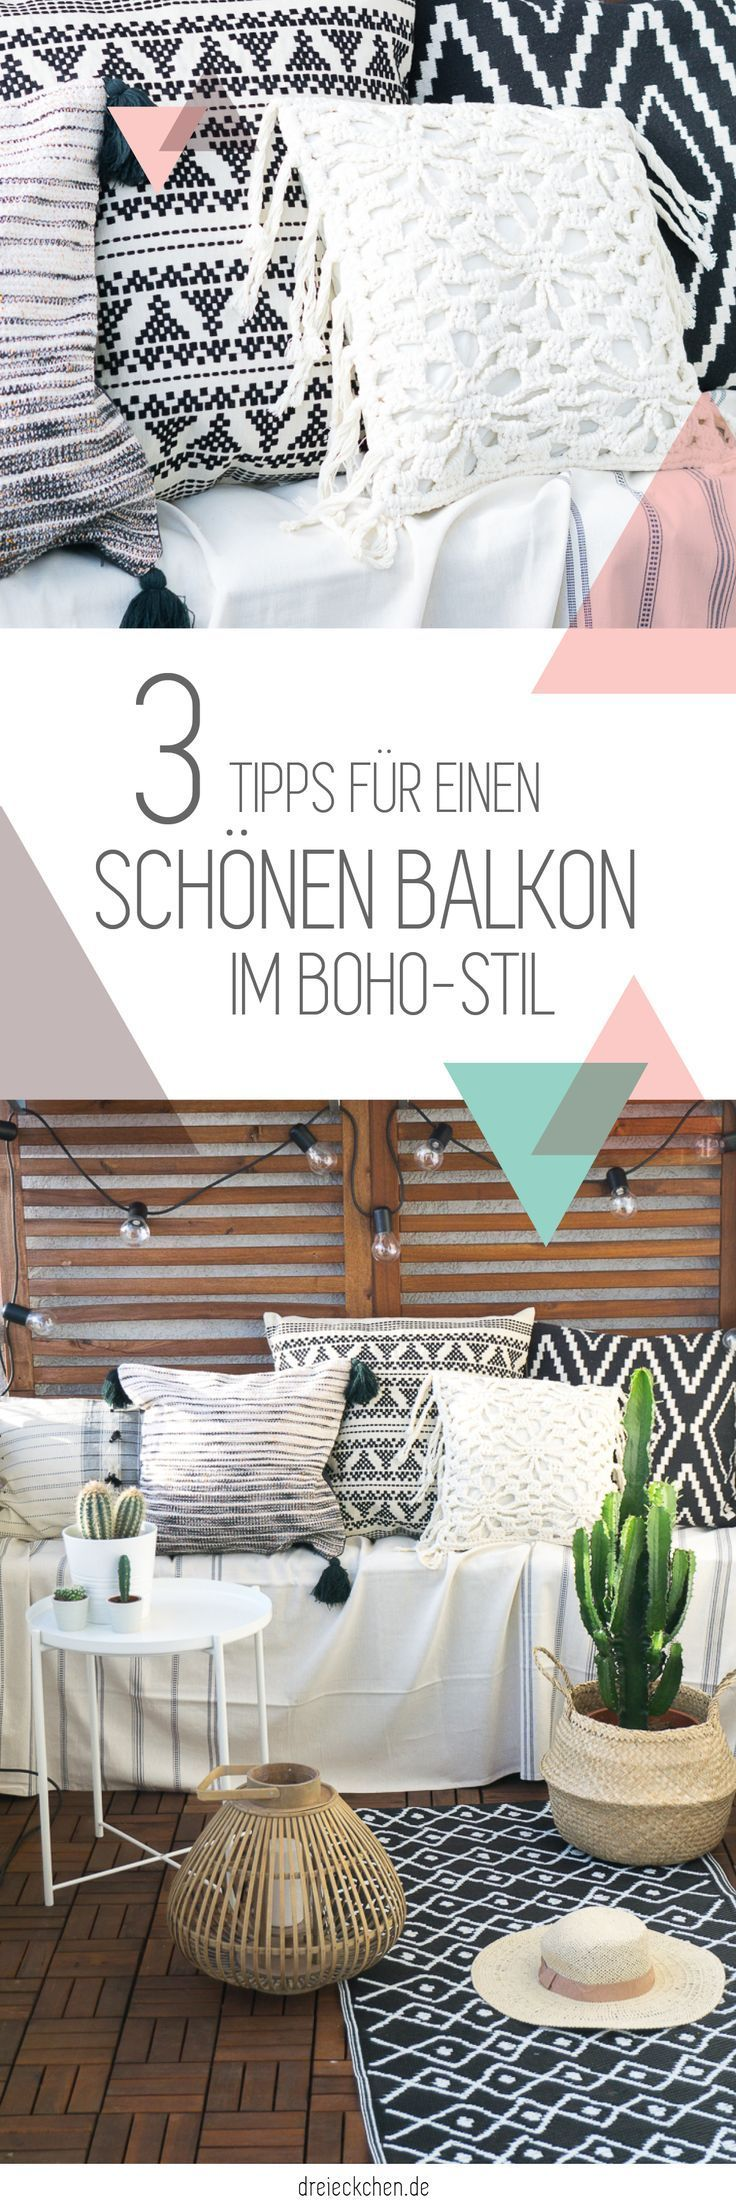 3 Deko Tipps Fur Den Balkon So Einfach Geht Der Boho Look